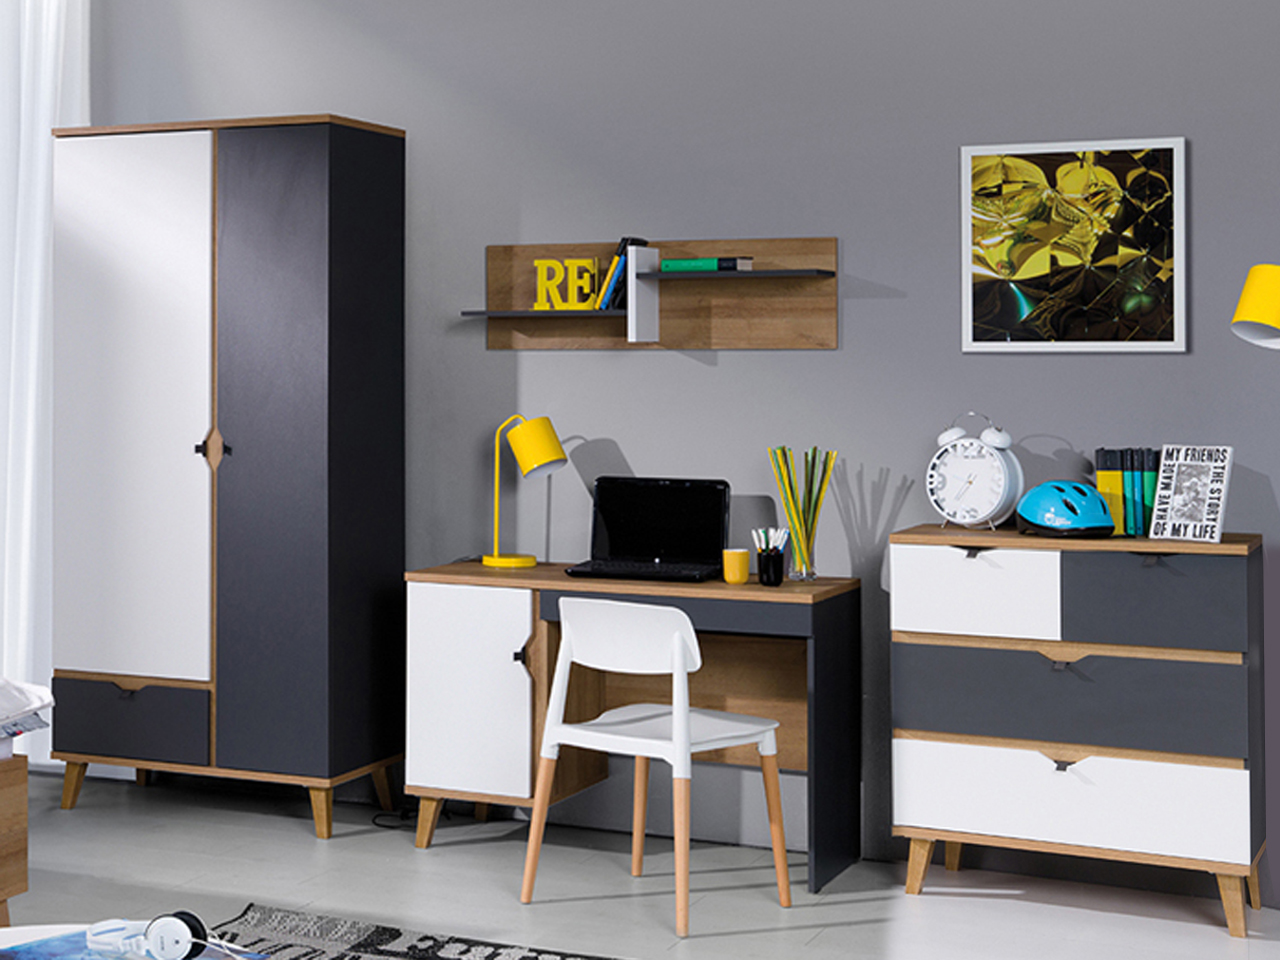 Мебель молодежные системные MEMONE комплект 19